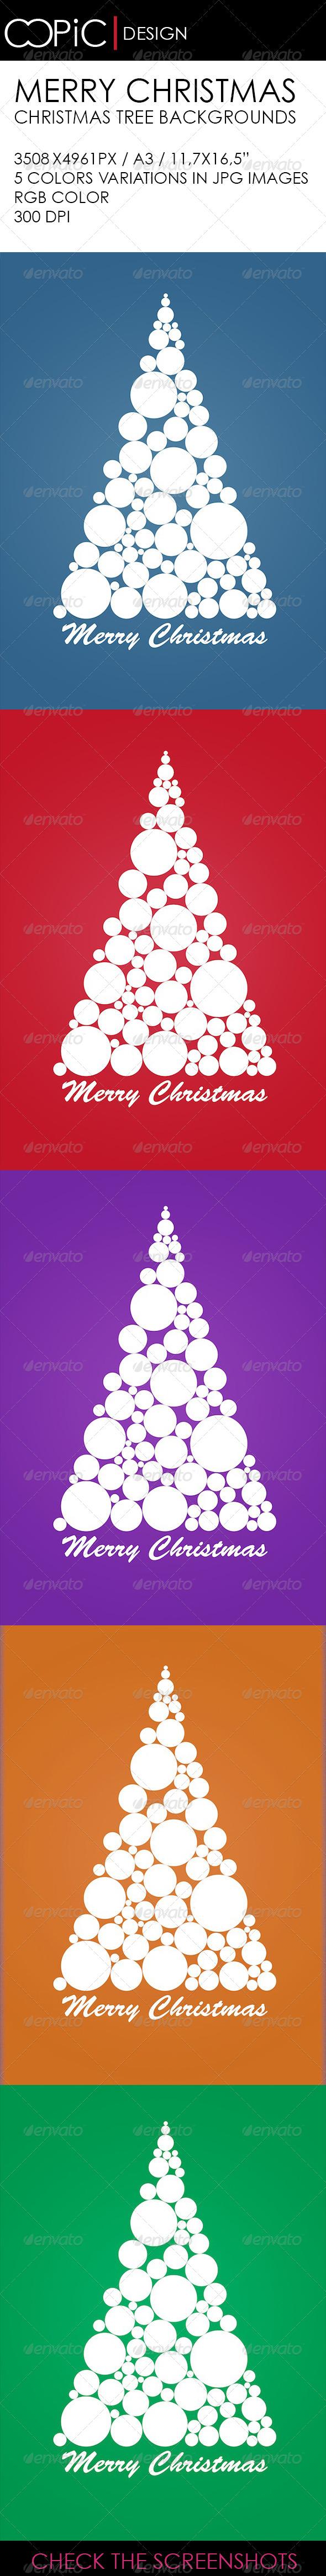 Abstract Christmas Greeting - Graphics